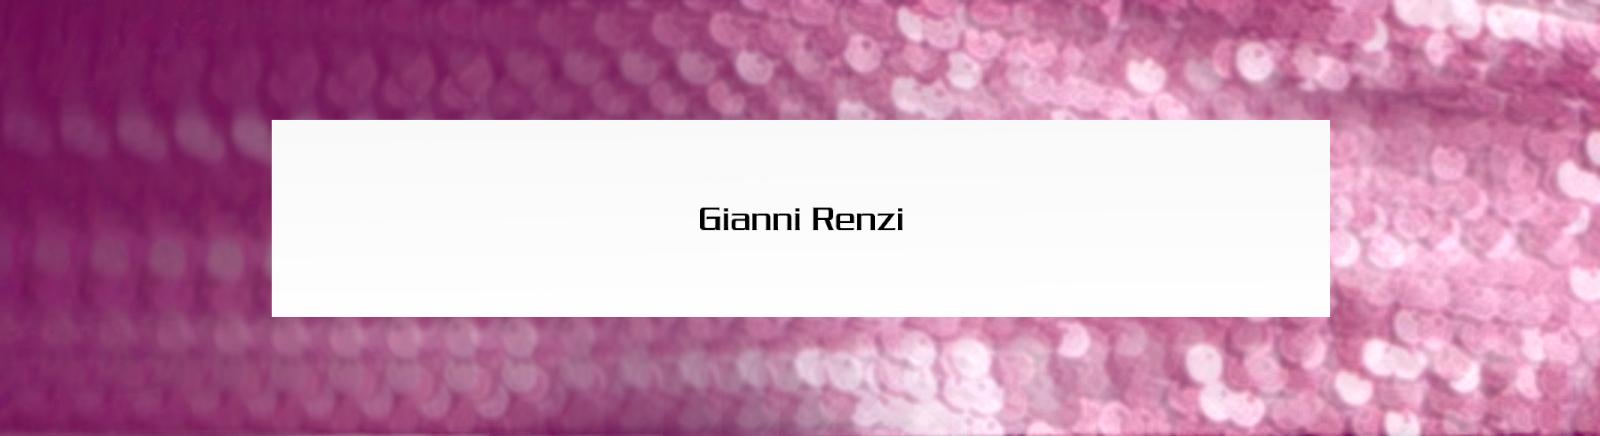 Gianni Renzi Damenschuhe online kaufen im Shop von GISY